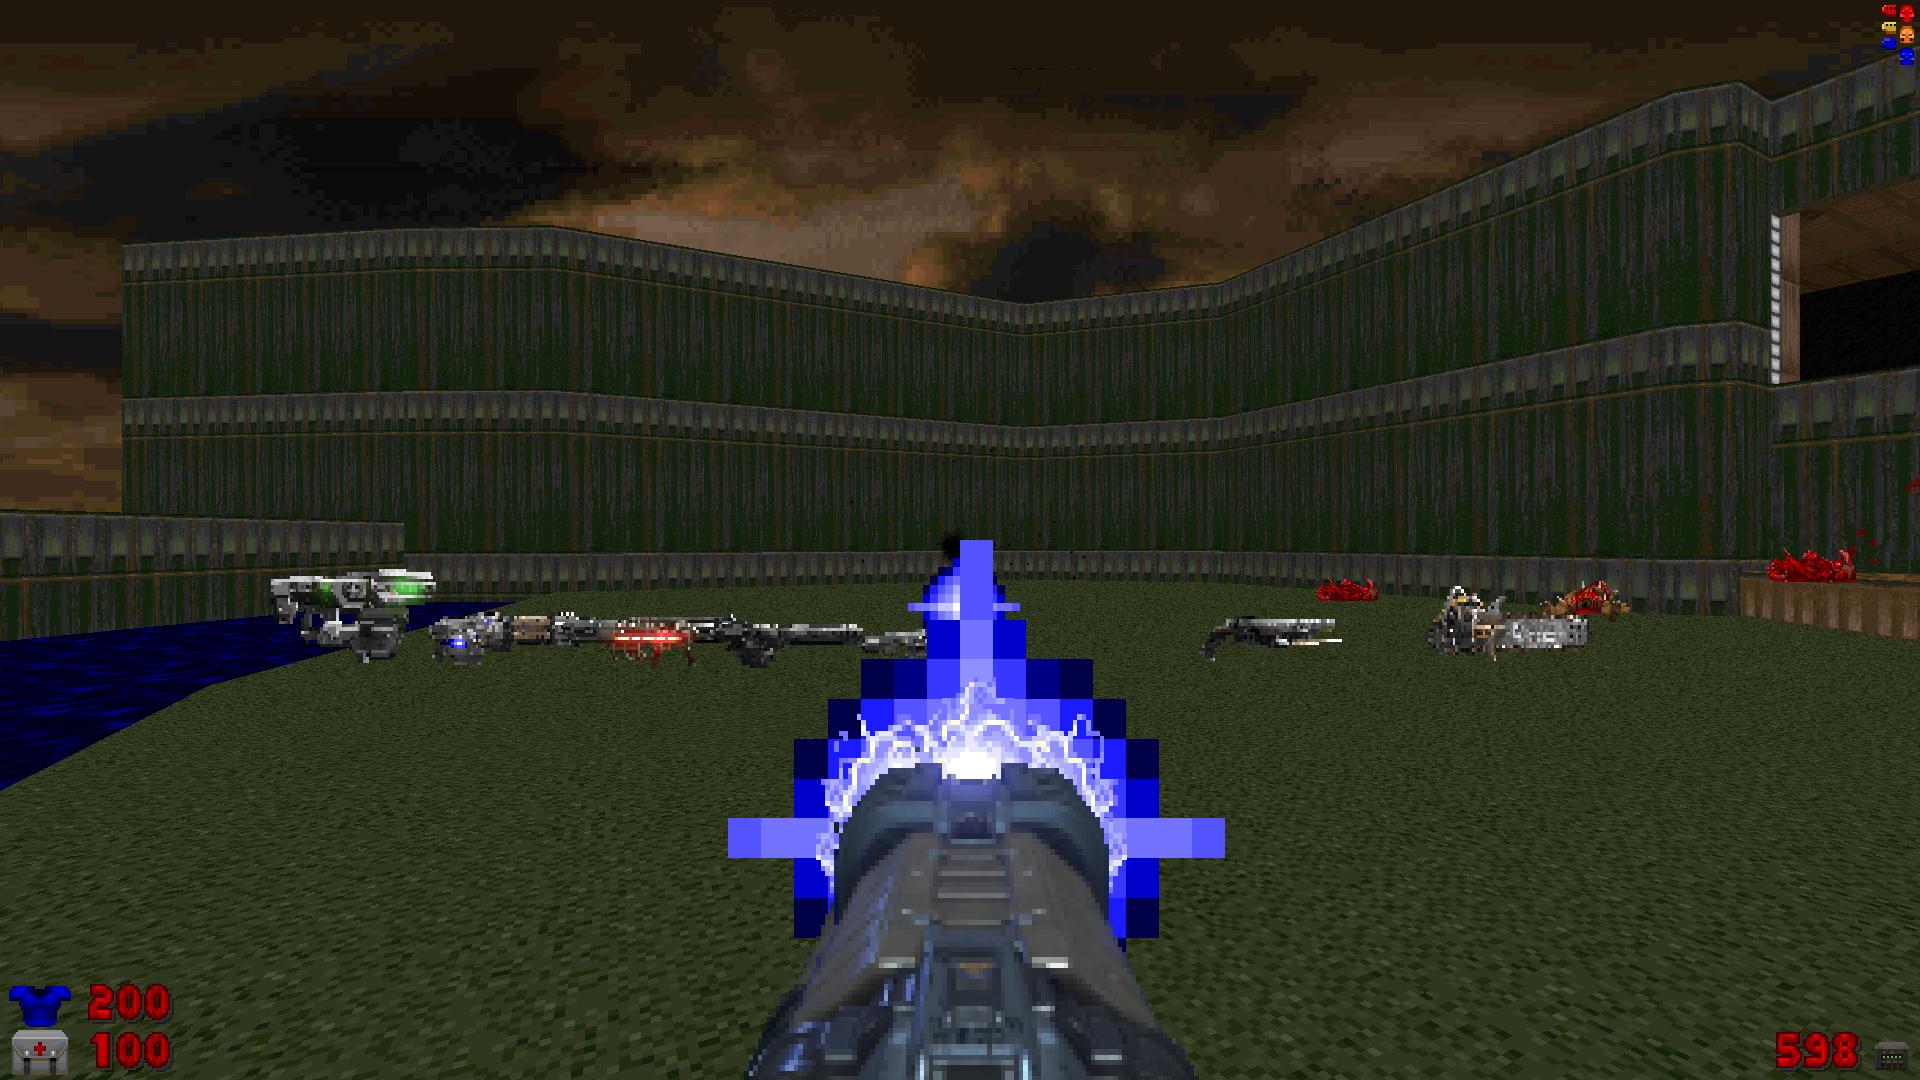 Screenshot_Doom_20200409_180542.png.8dcb3d11ed6c3047a12617d8f0a9637c.png